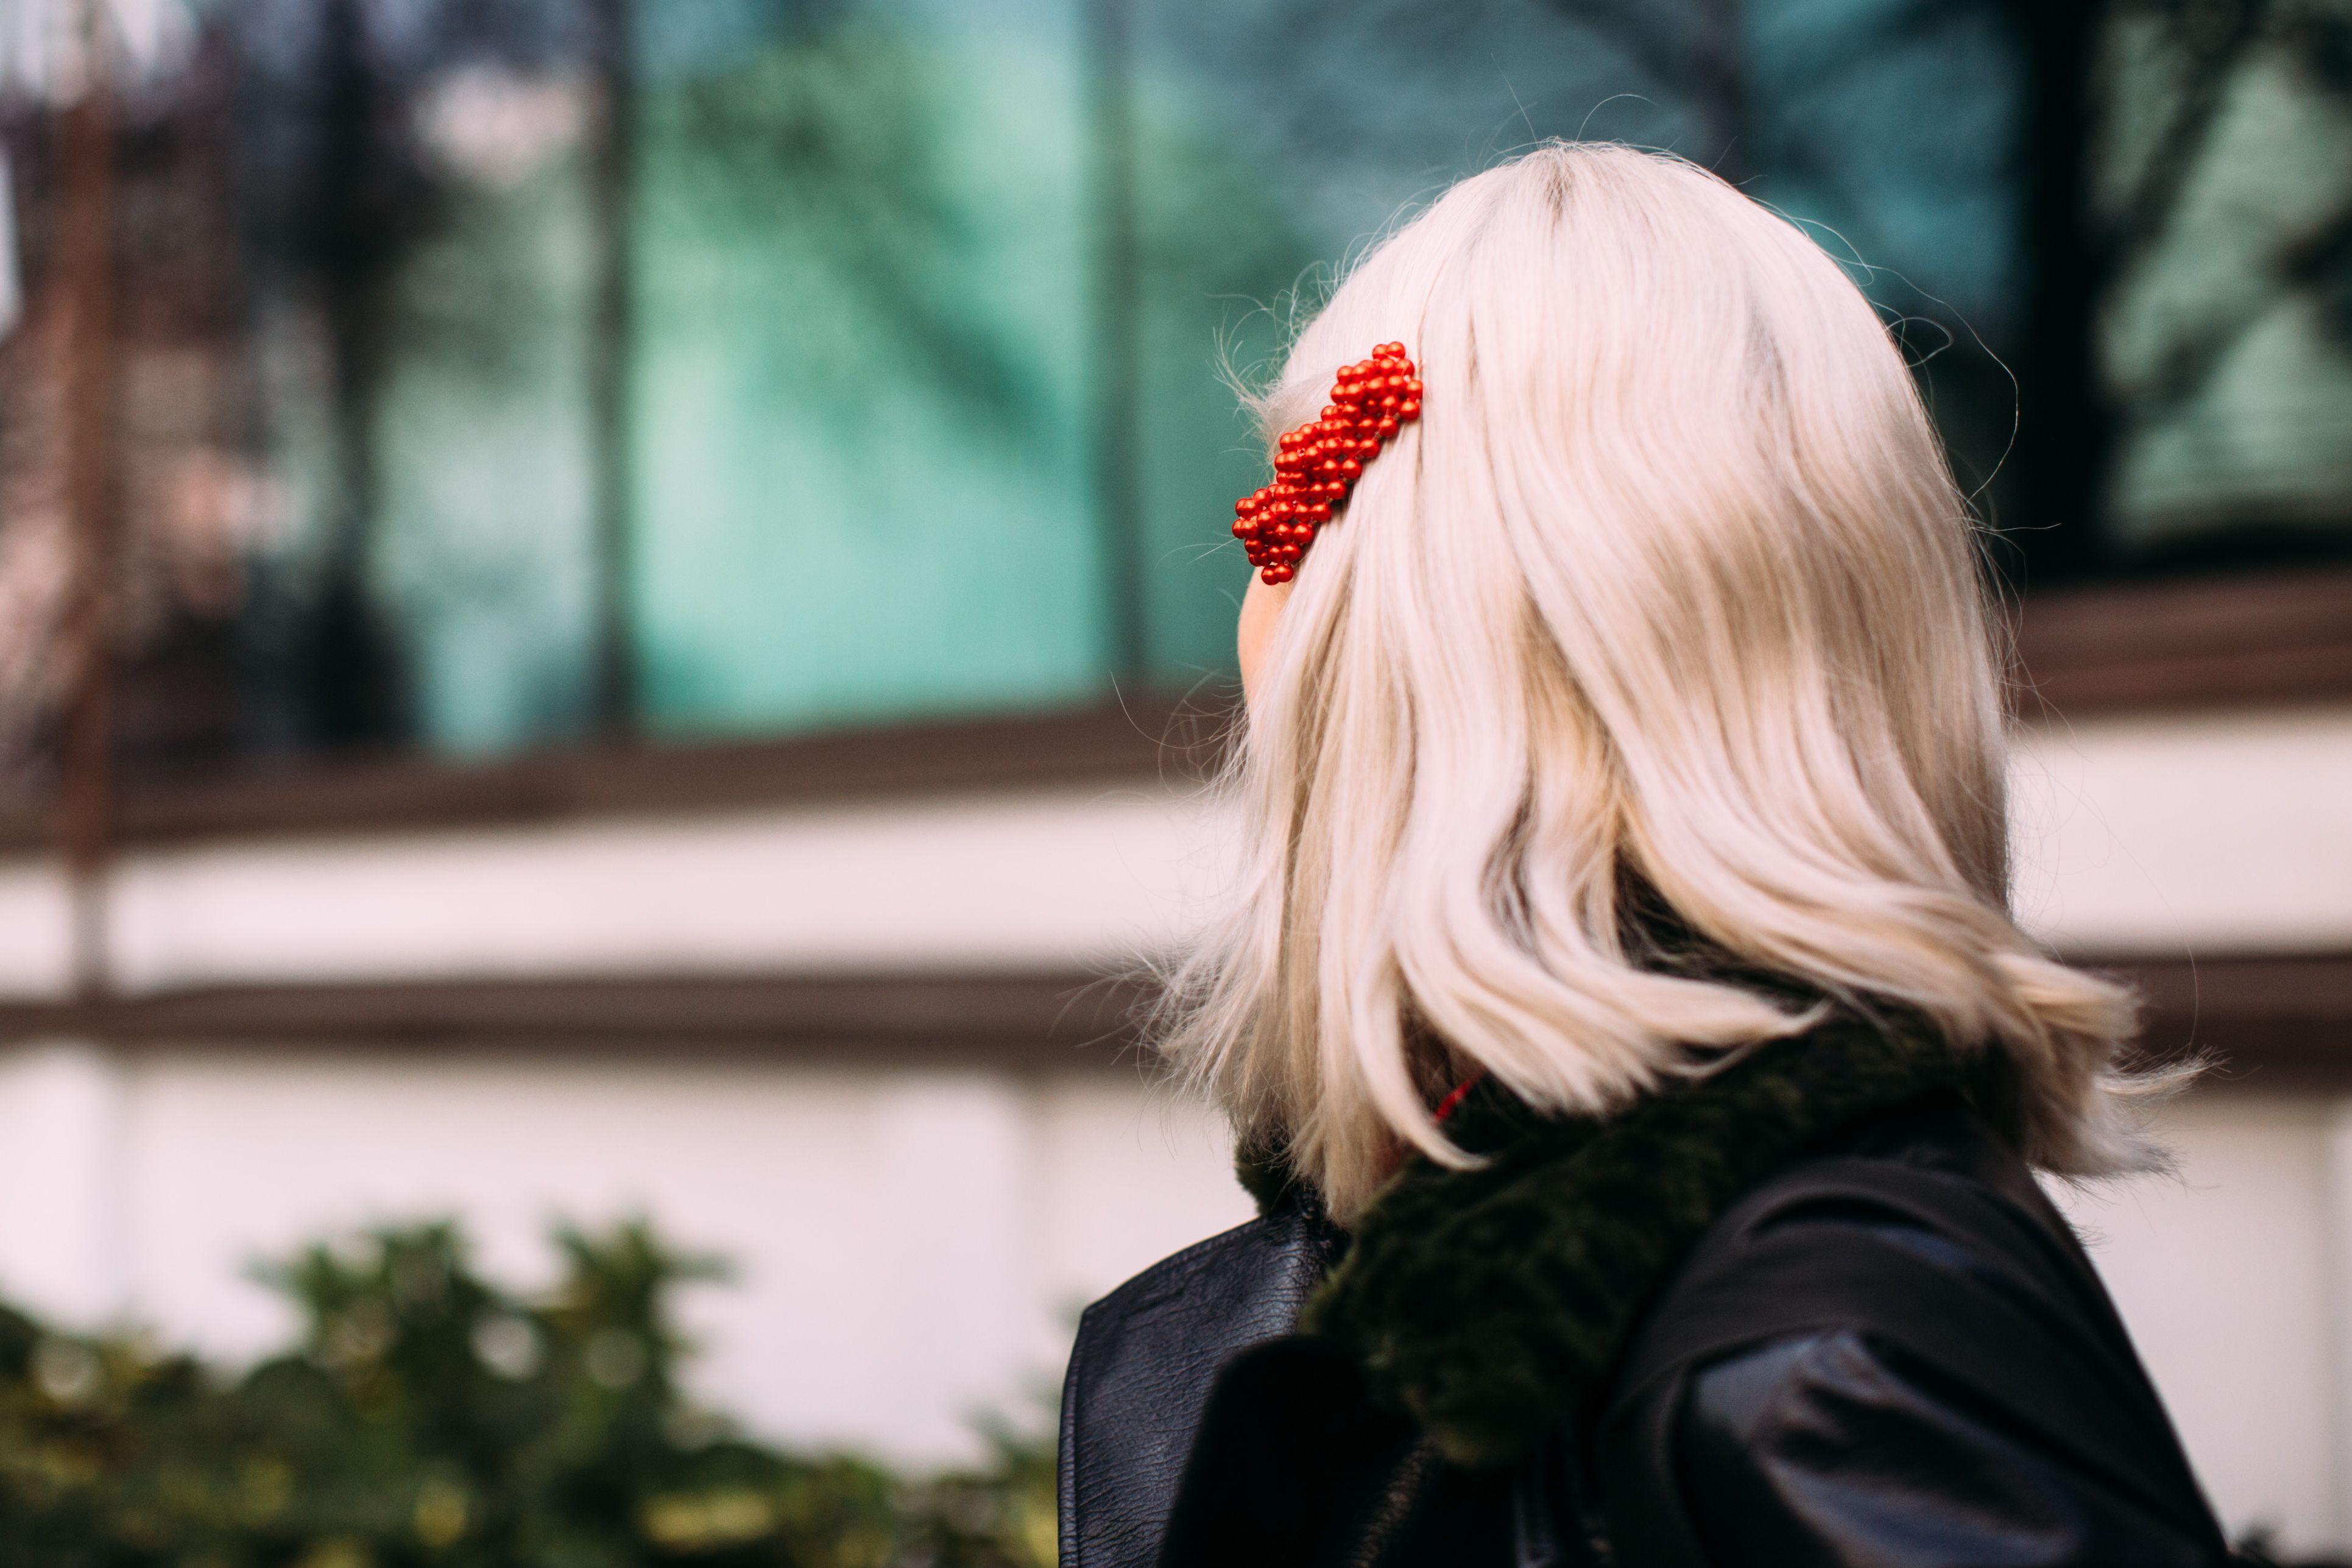 Bob medio, frangetta, vocazione Lolita, ispirazione streetstyle